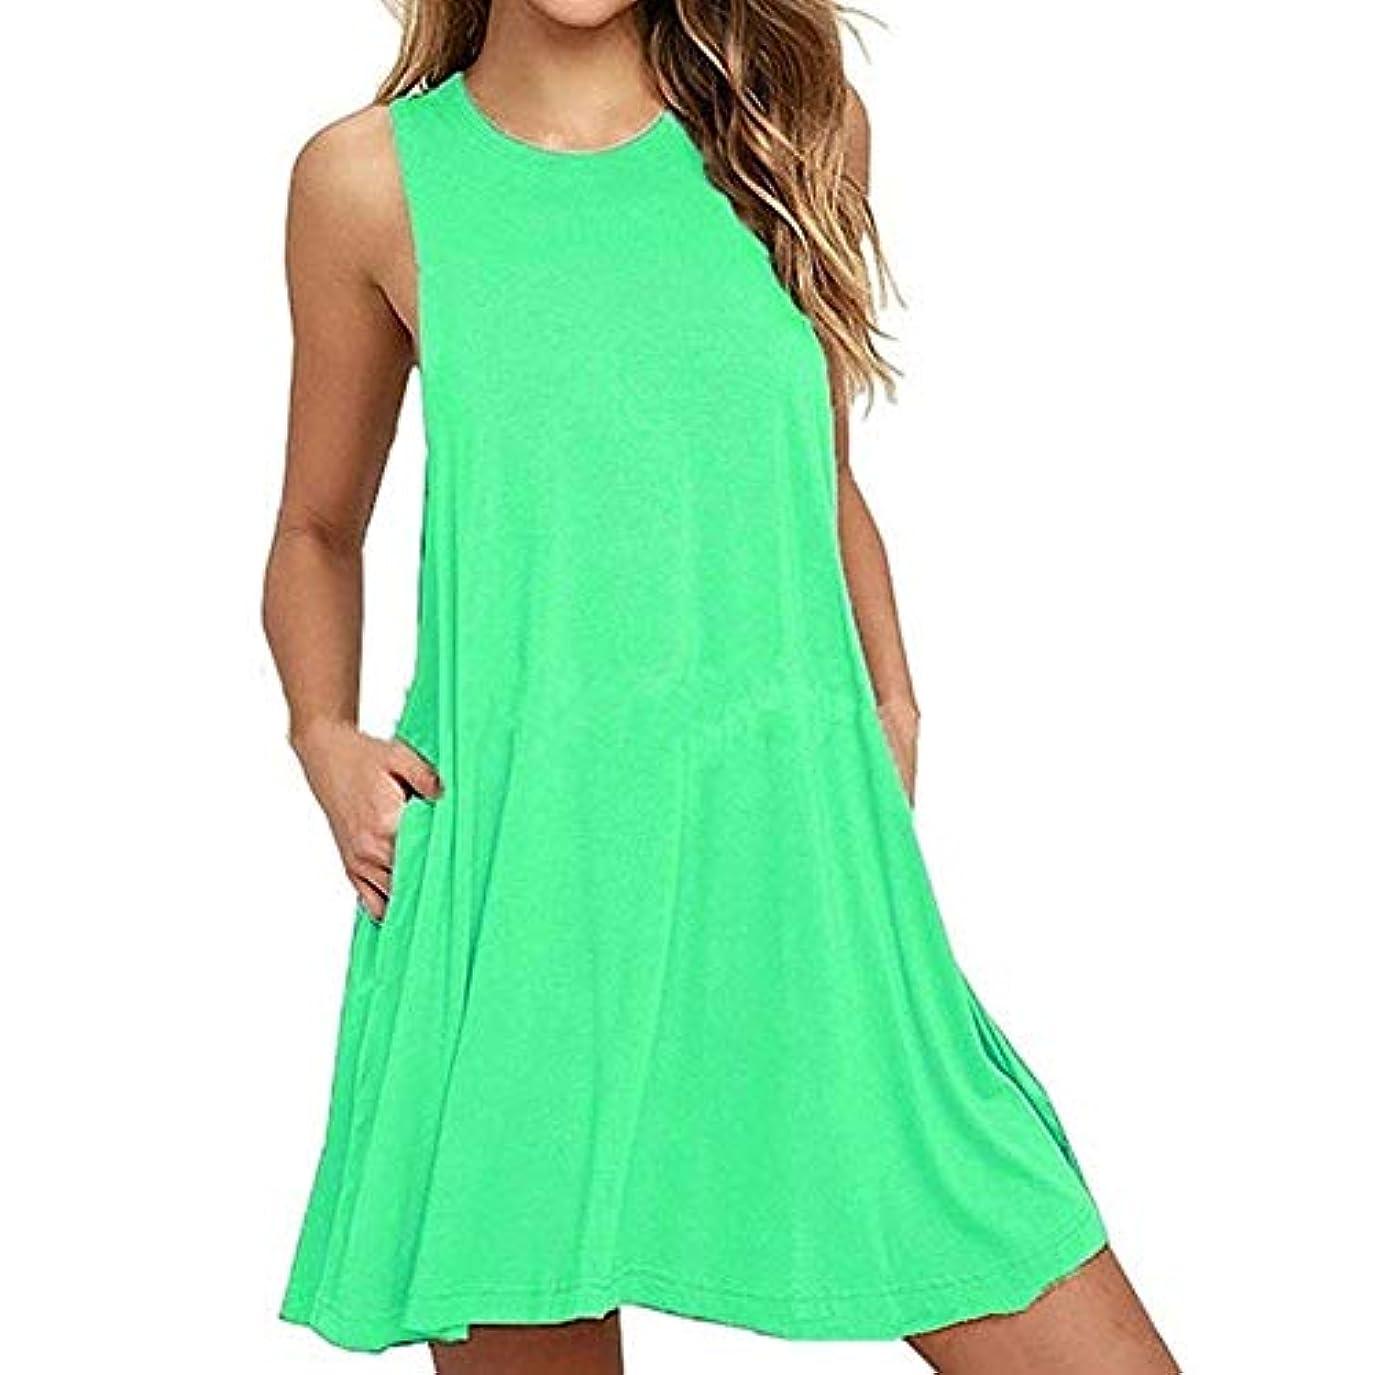 緩む姉妹エンジニアMIFAN 人の女性のドレス、プラスサイズのドレス、ノースリーブのドレス、ミニドレス、ホルタードレス、コットンドレス